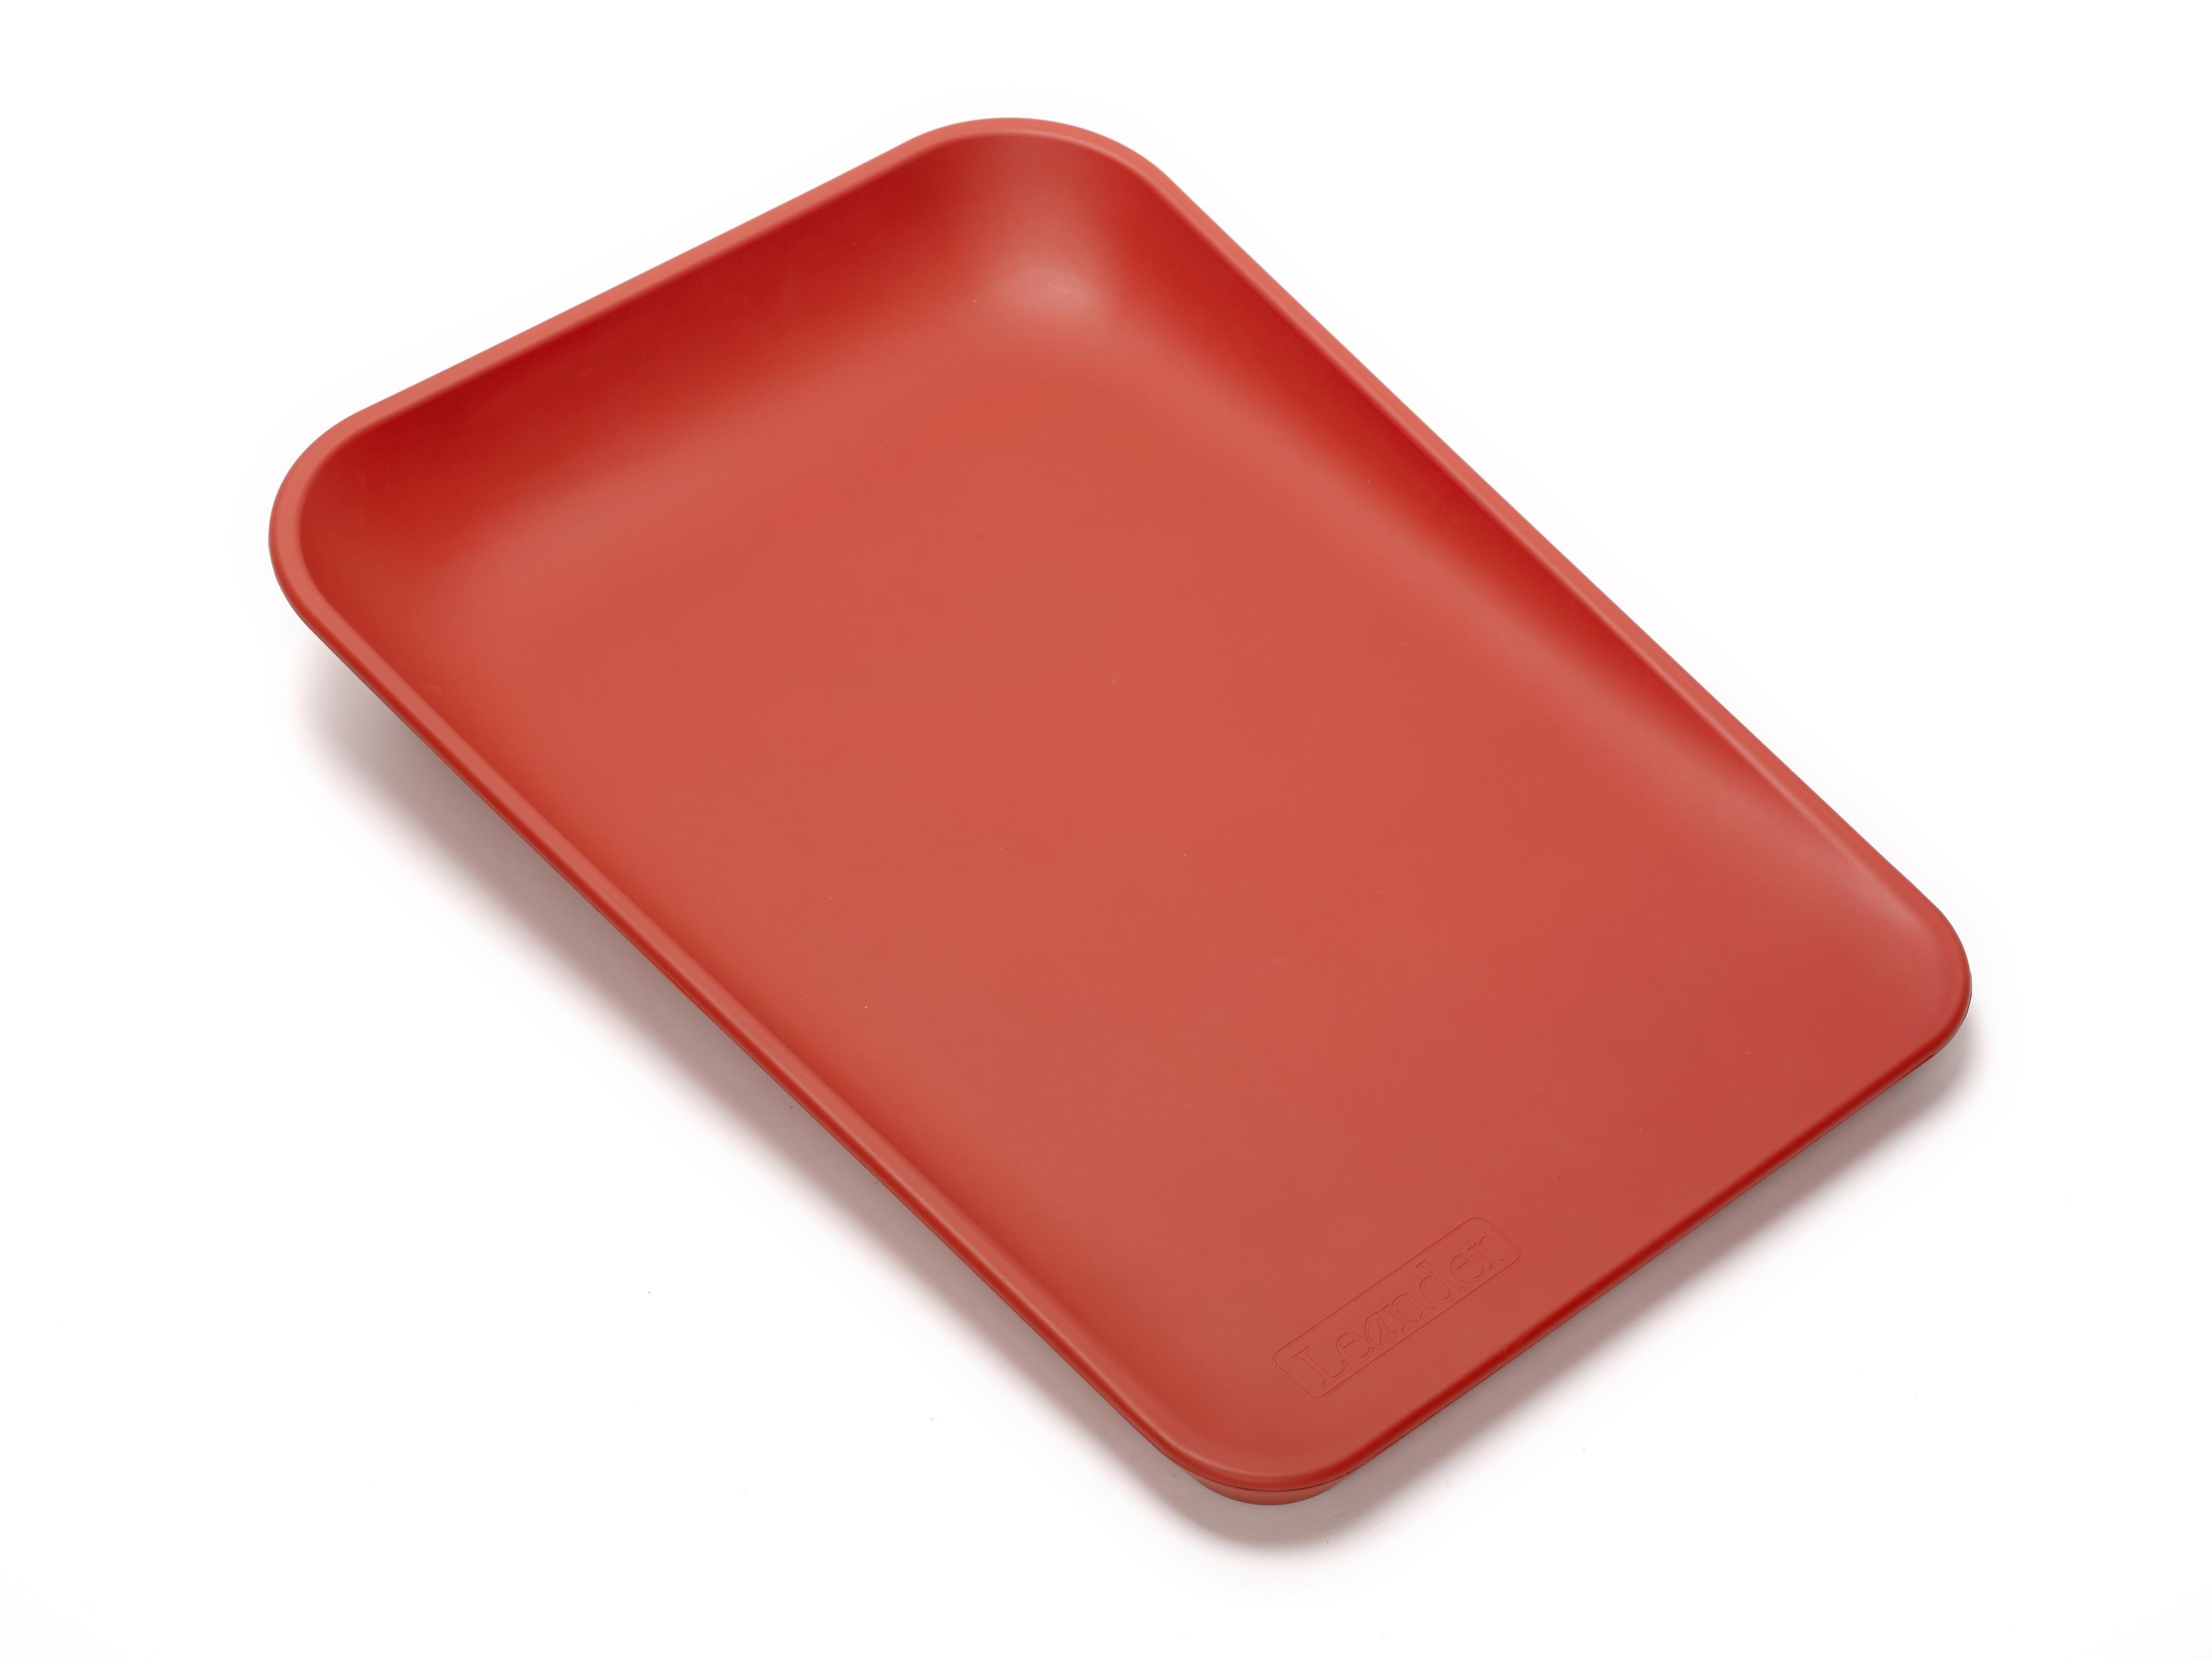 Leander Leander matty puslepude - sunset red, 2 stk. på lager på pixizoo